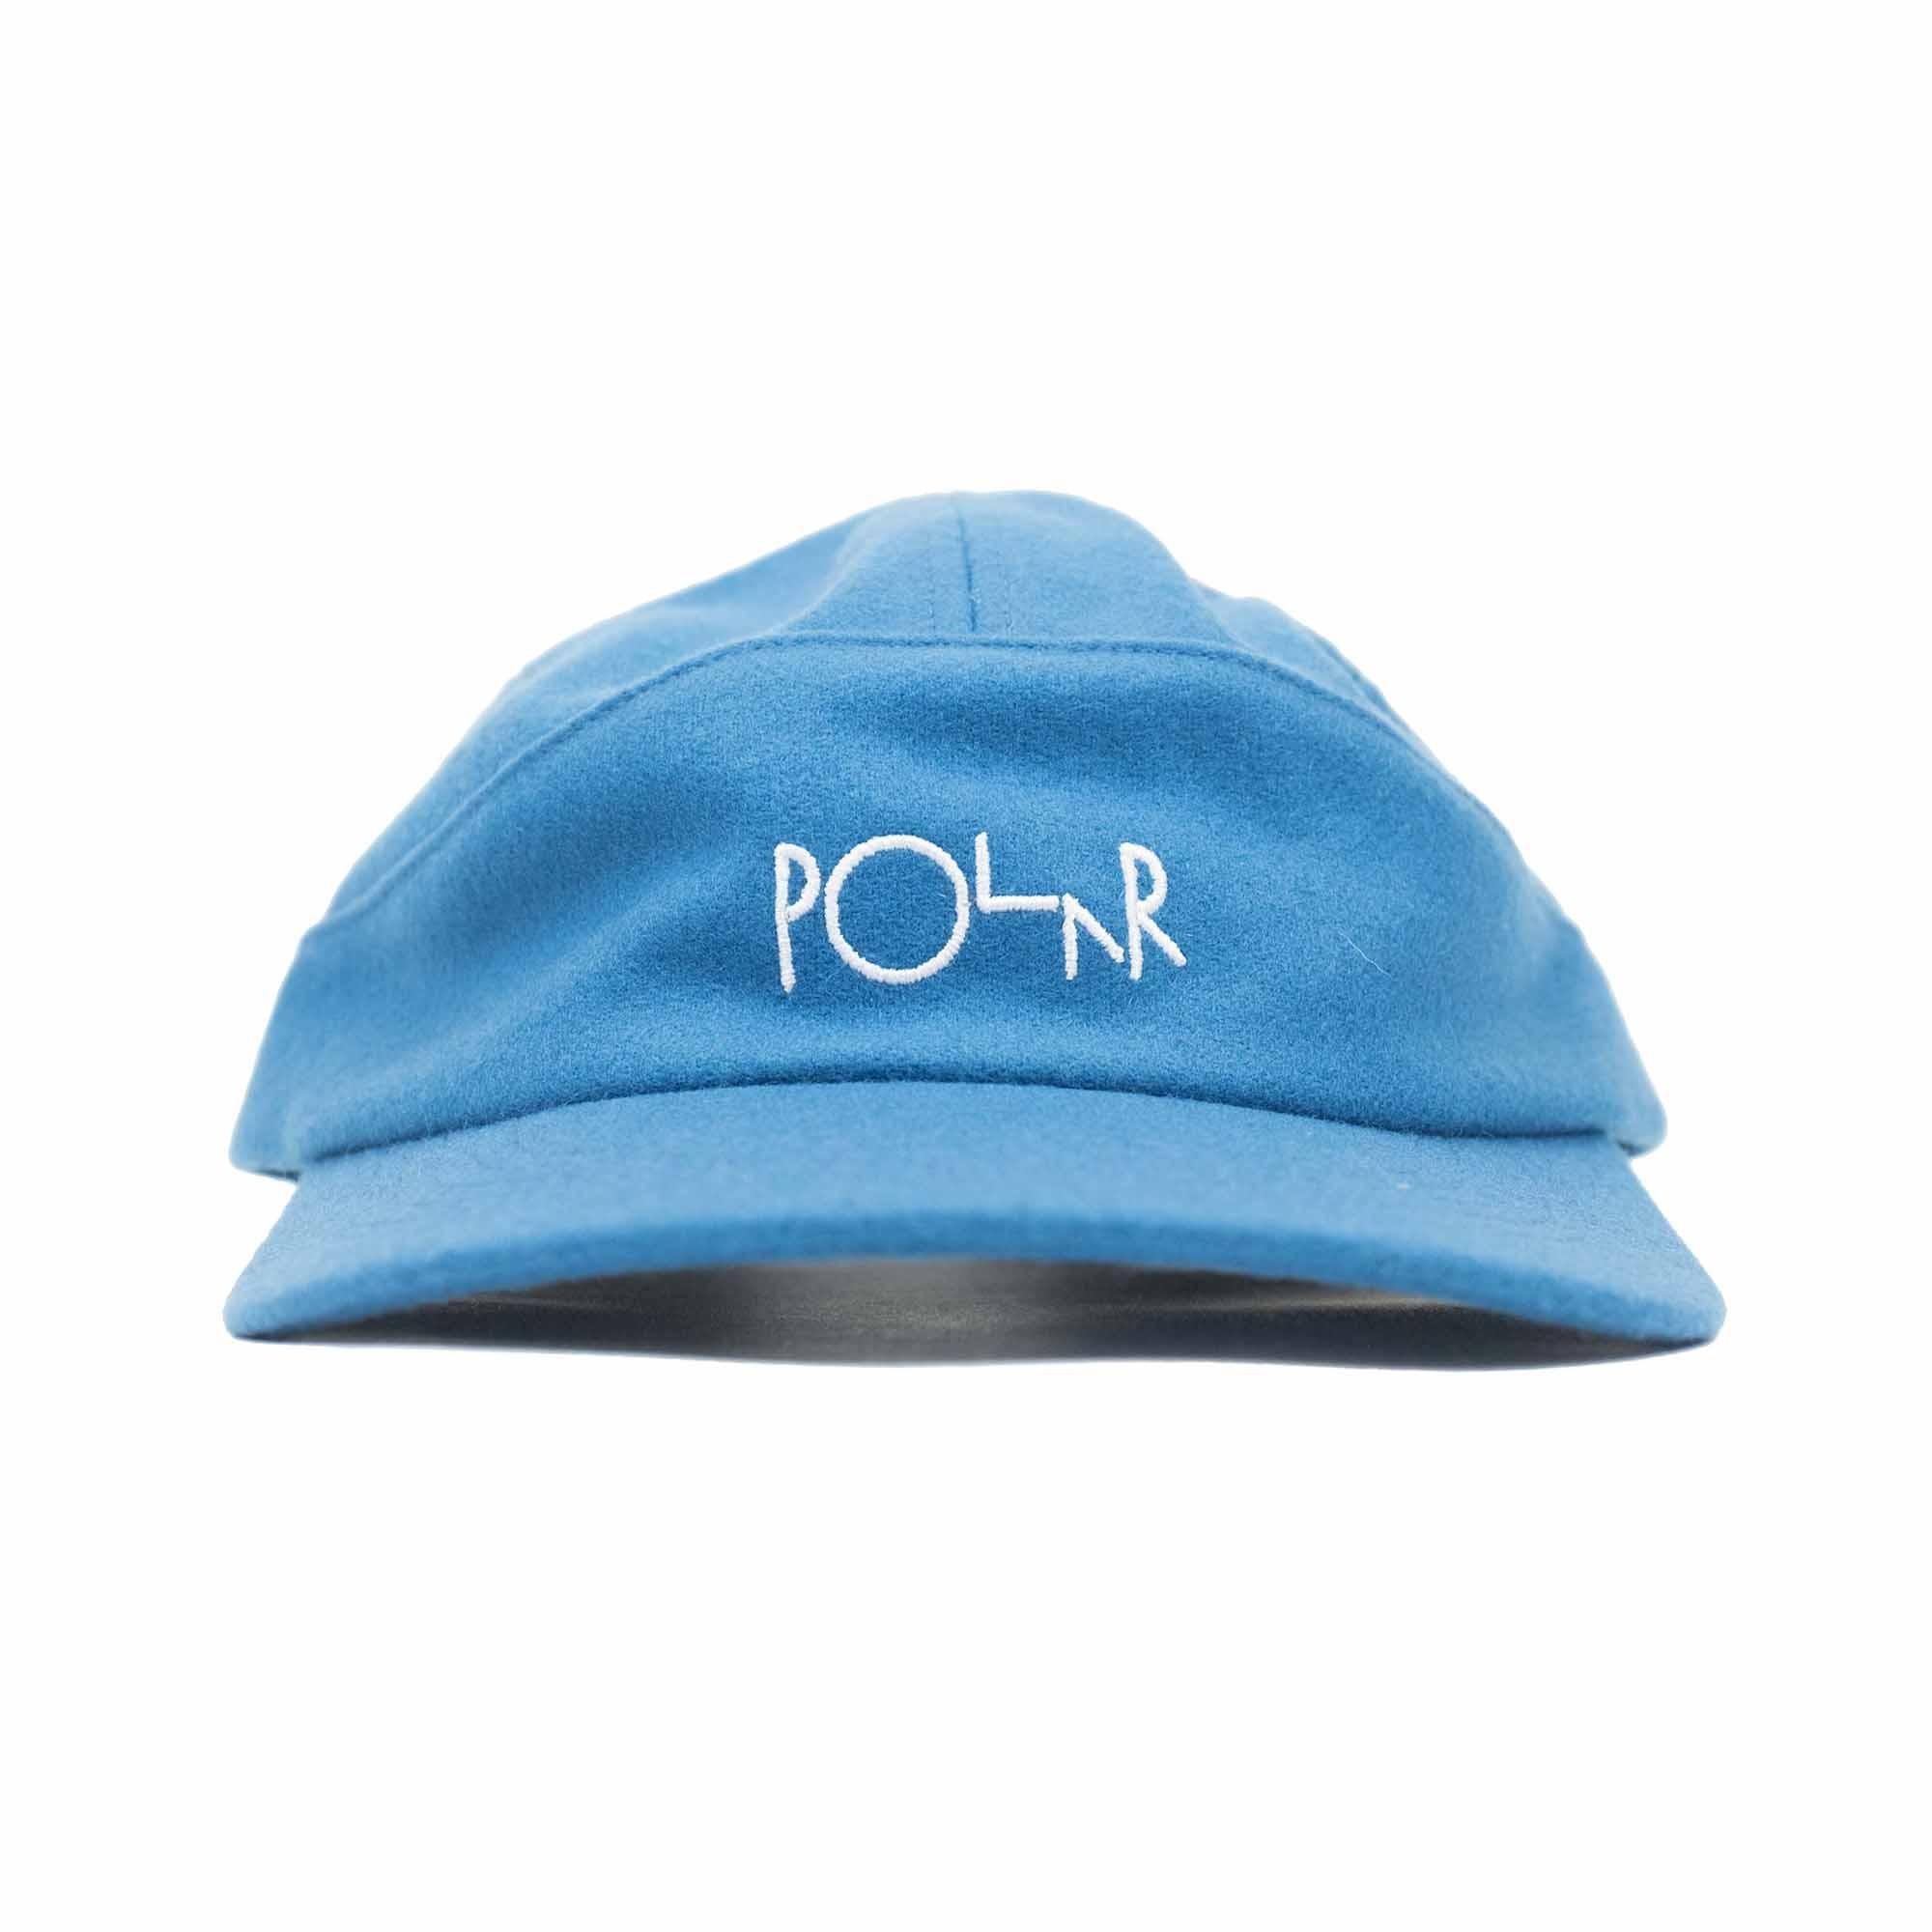 Polar Skate Co. Wool Speed Cap - Mykonos Blue